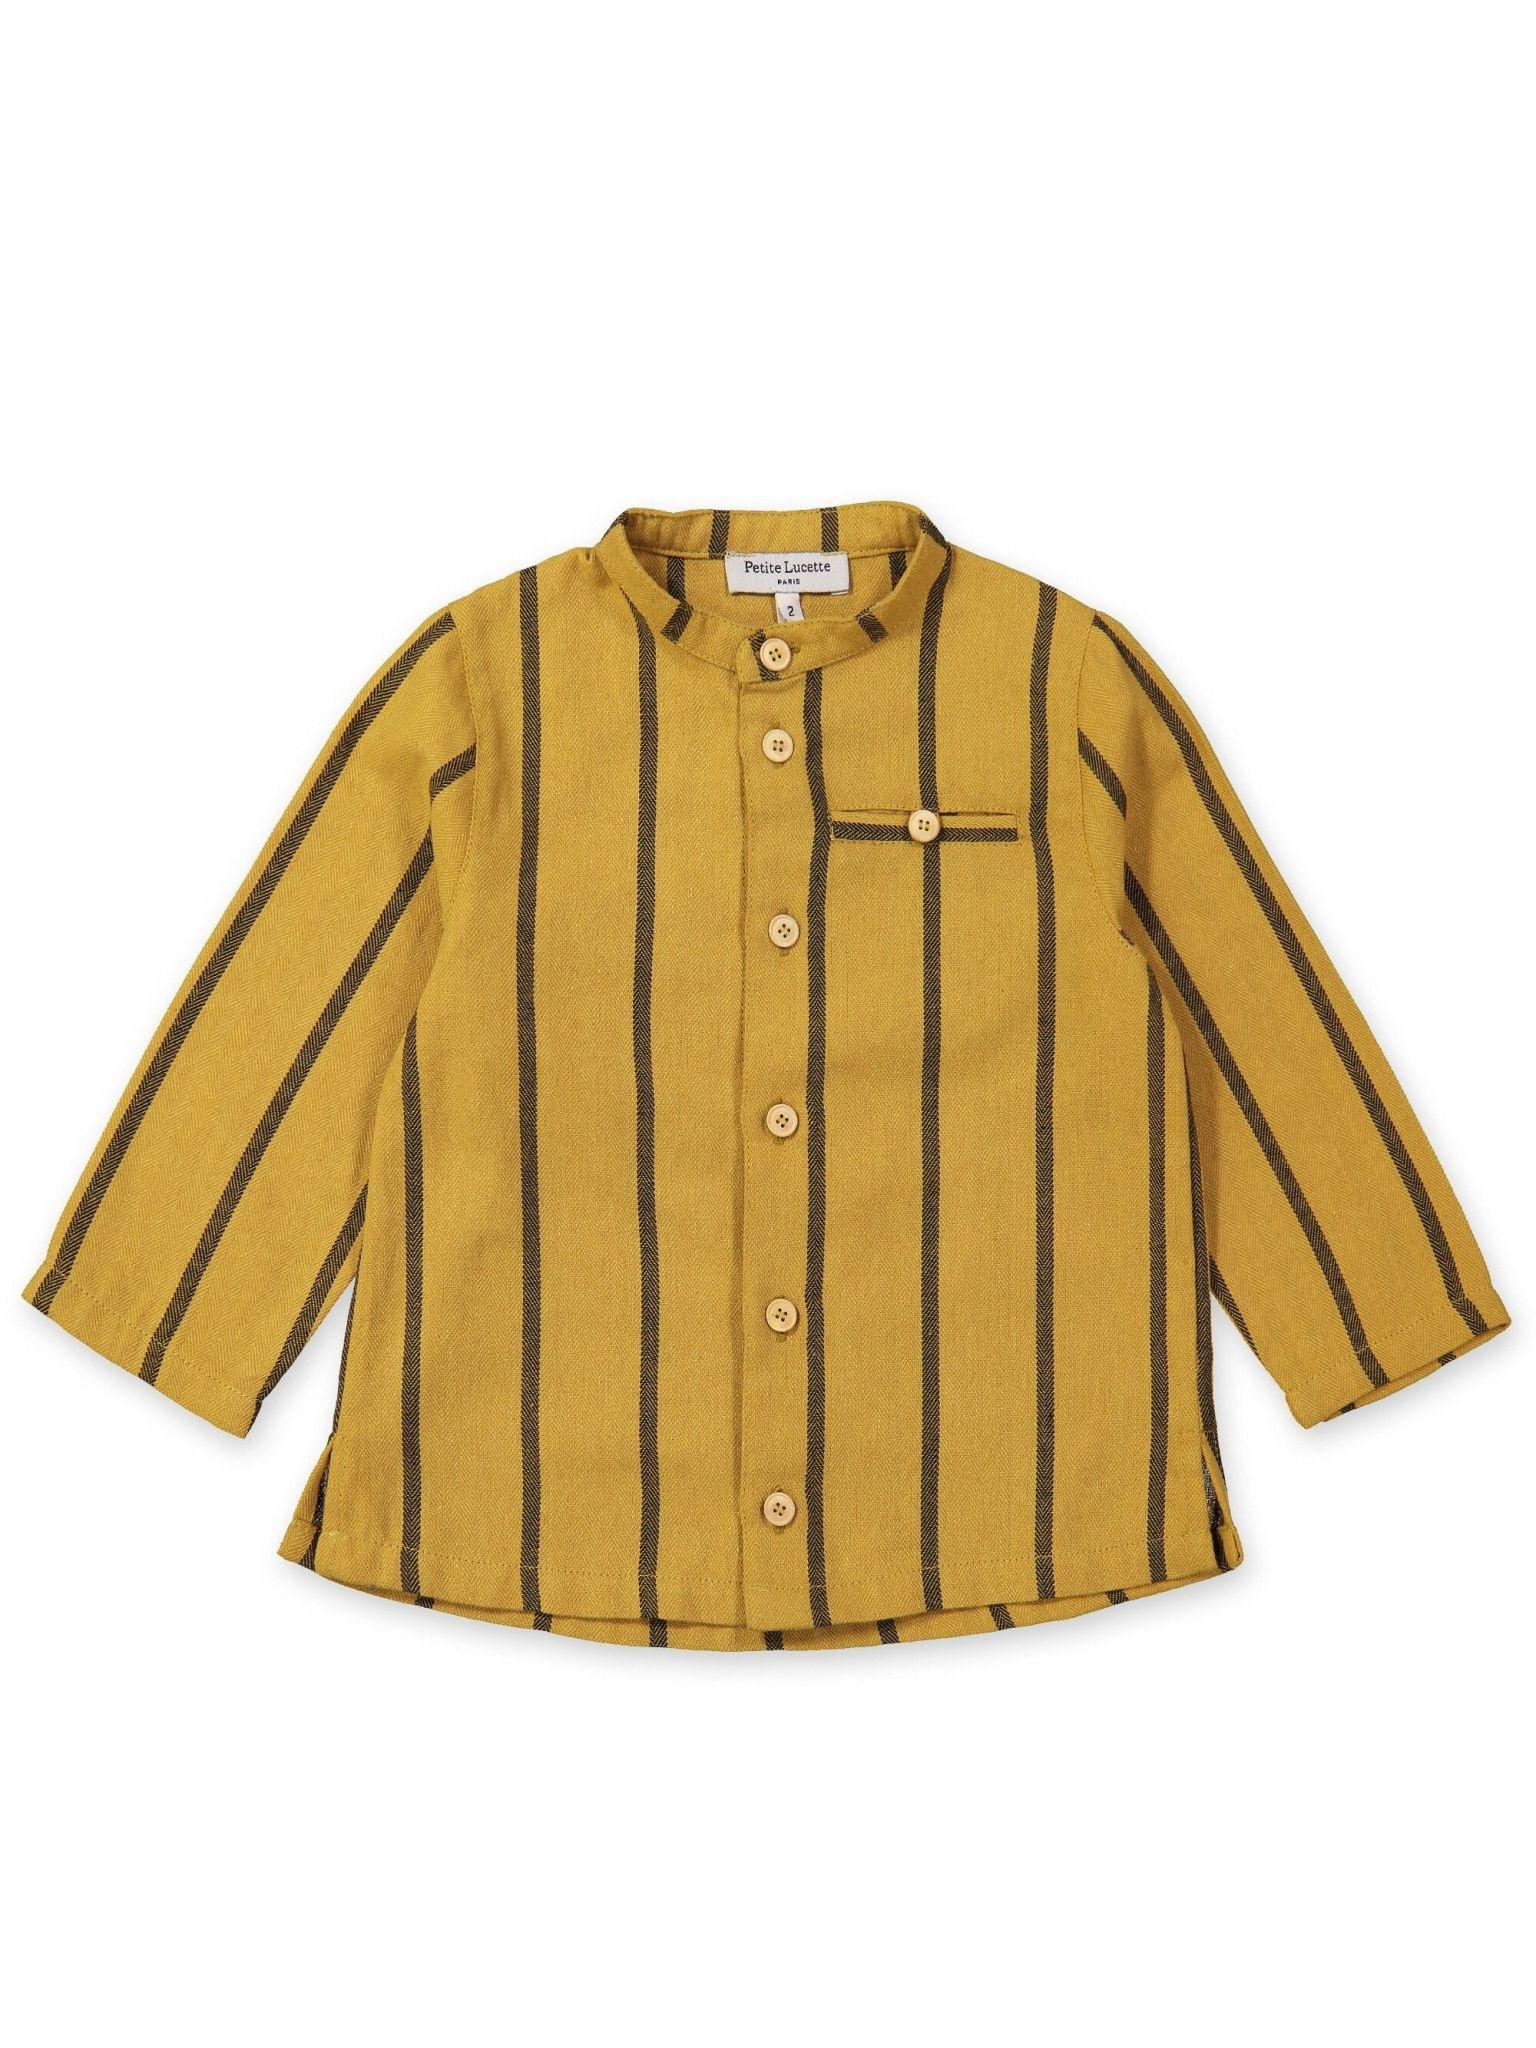 PETITE LUCETTE Vivien Baby Shirt